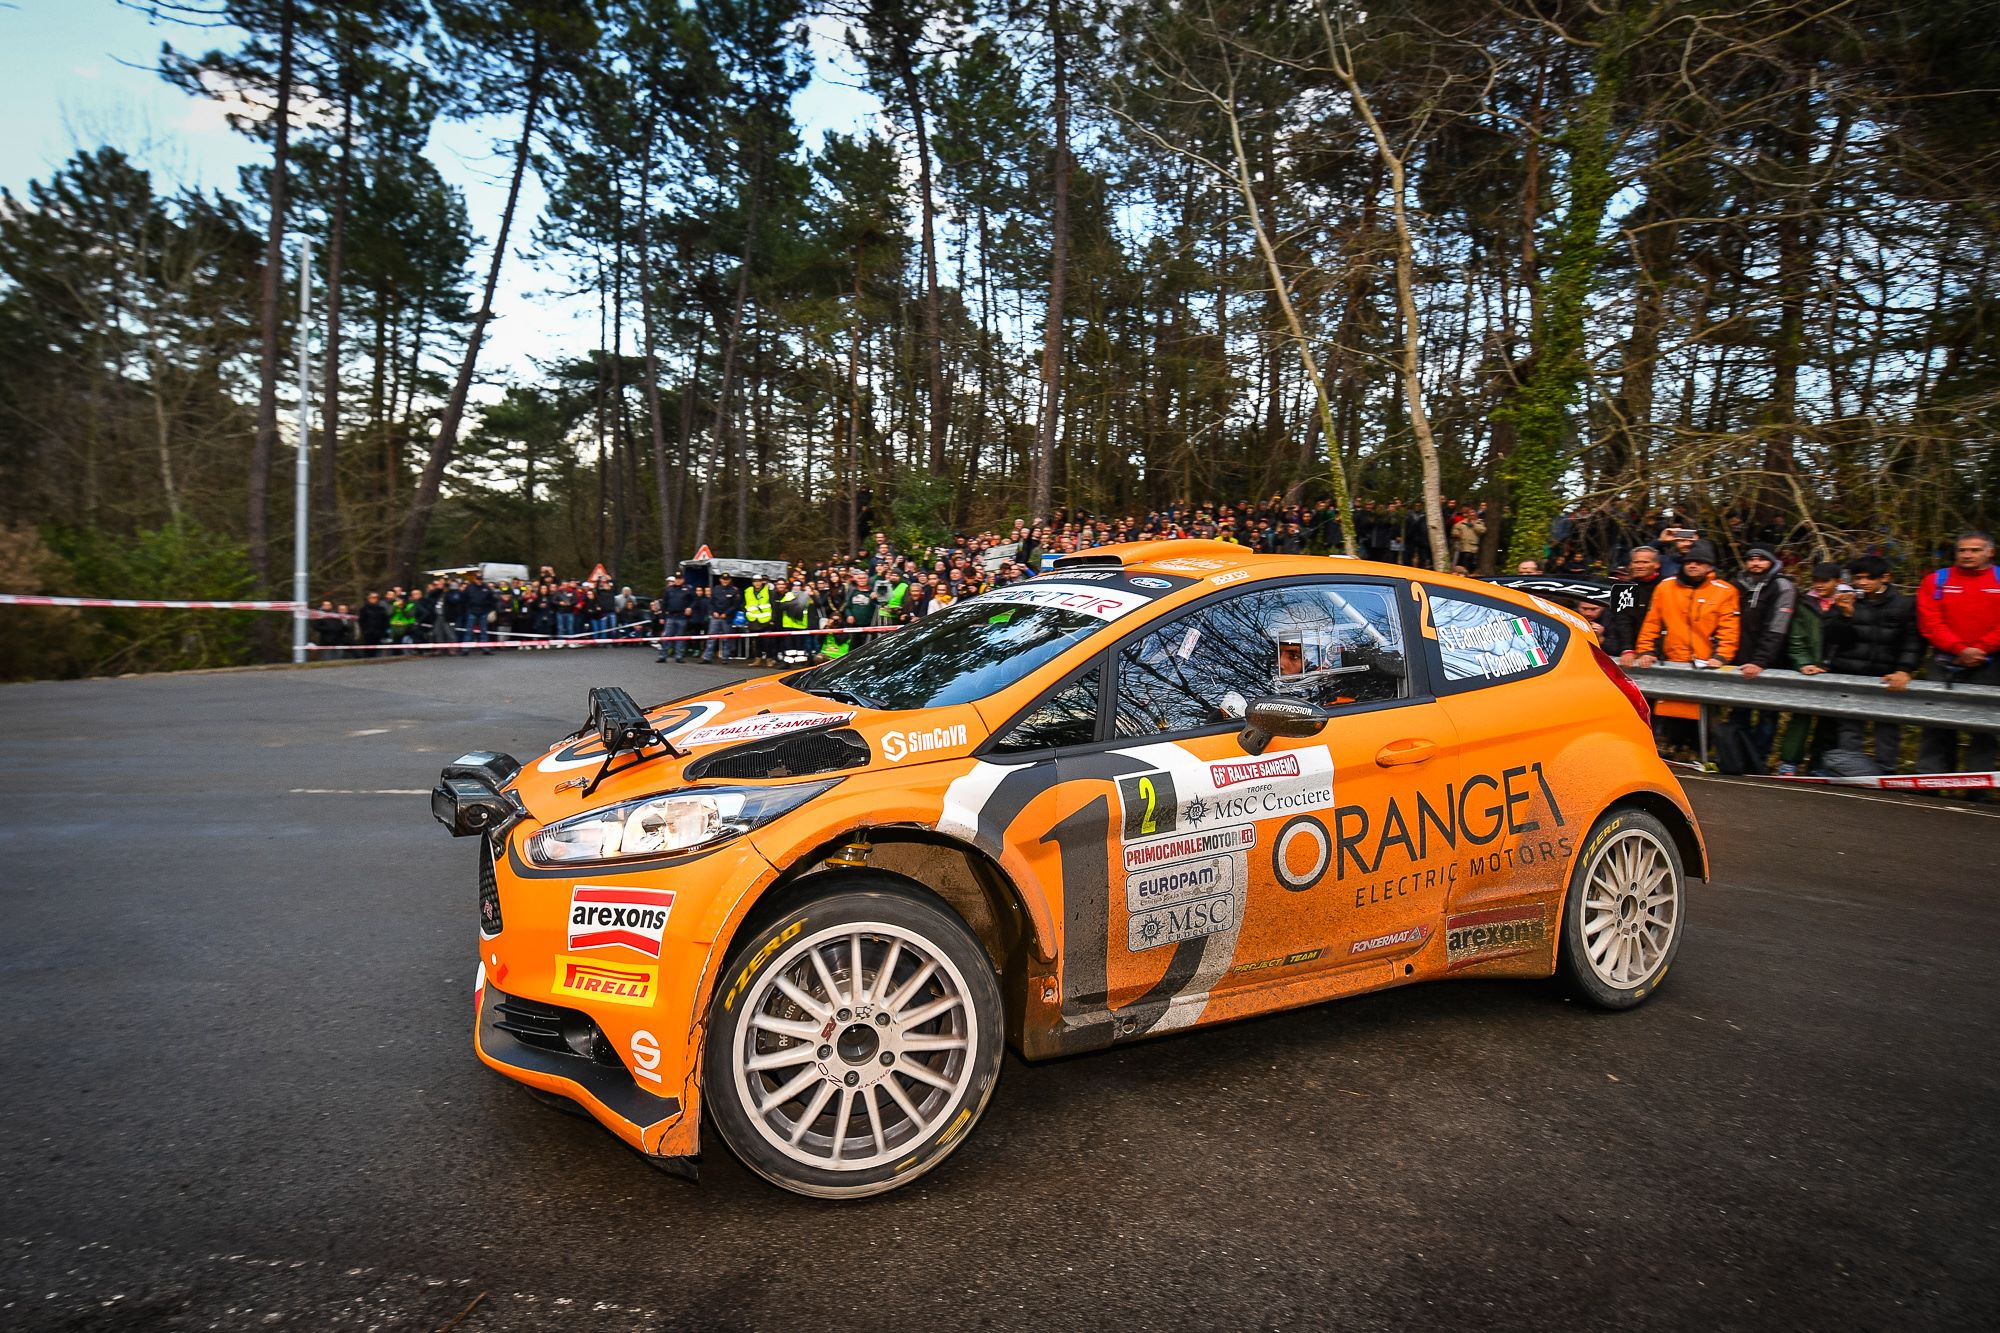 Orange1 Racing e Campedelli secondi a Sanremo dopo una gara tutta al vertice